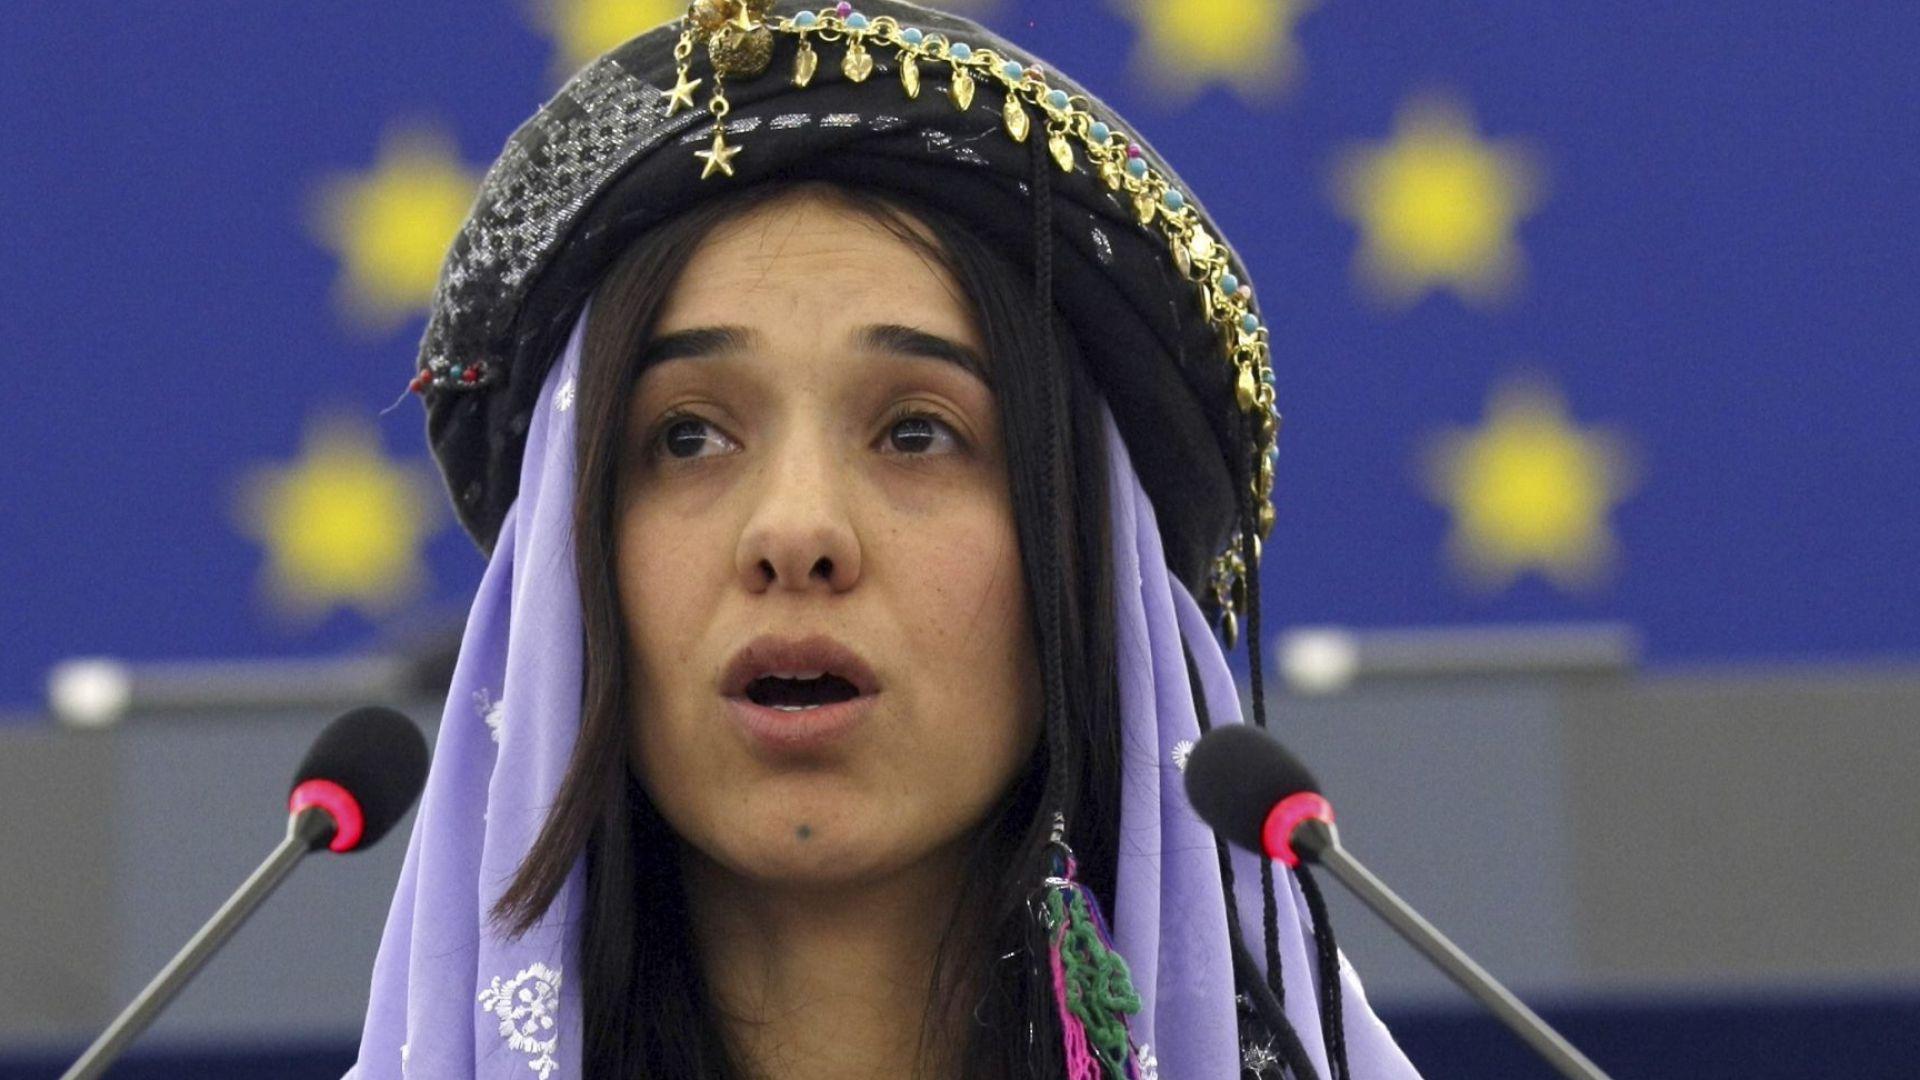 Сексробинята, която спечели Нобел за мир: ИДИЛ искаха да отнемат честта ни, но загубиха своята